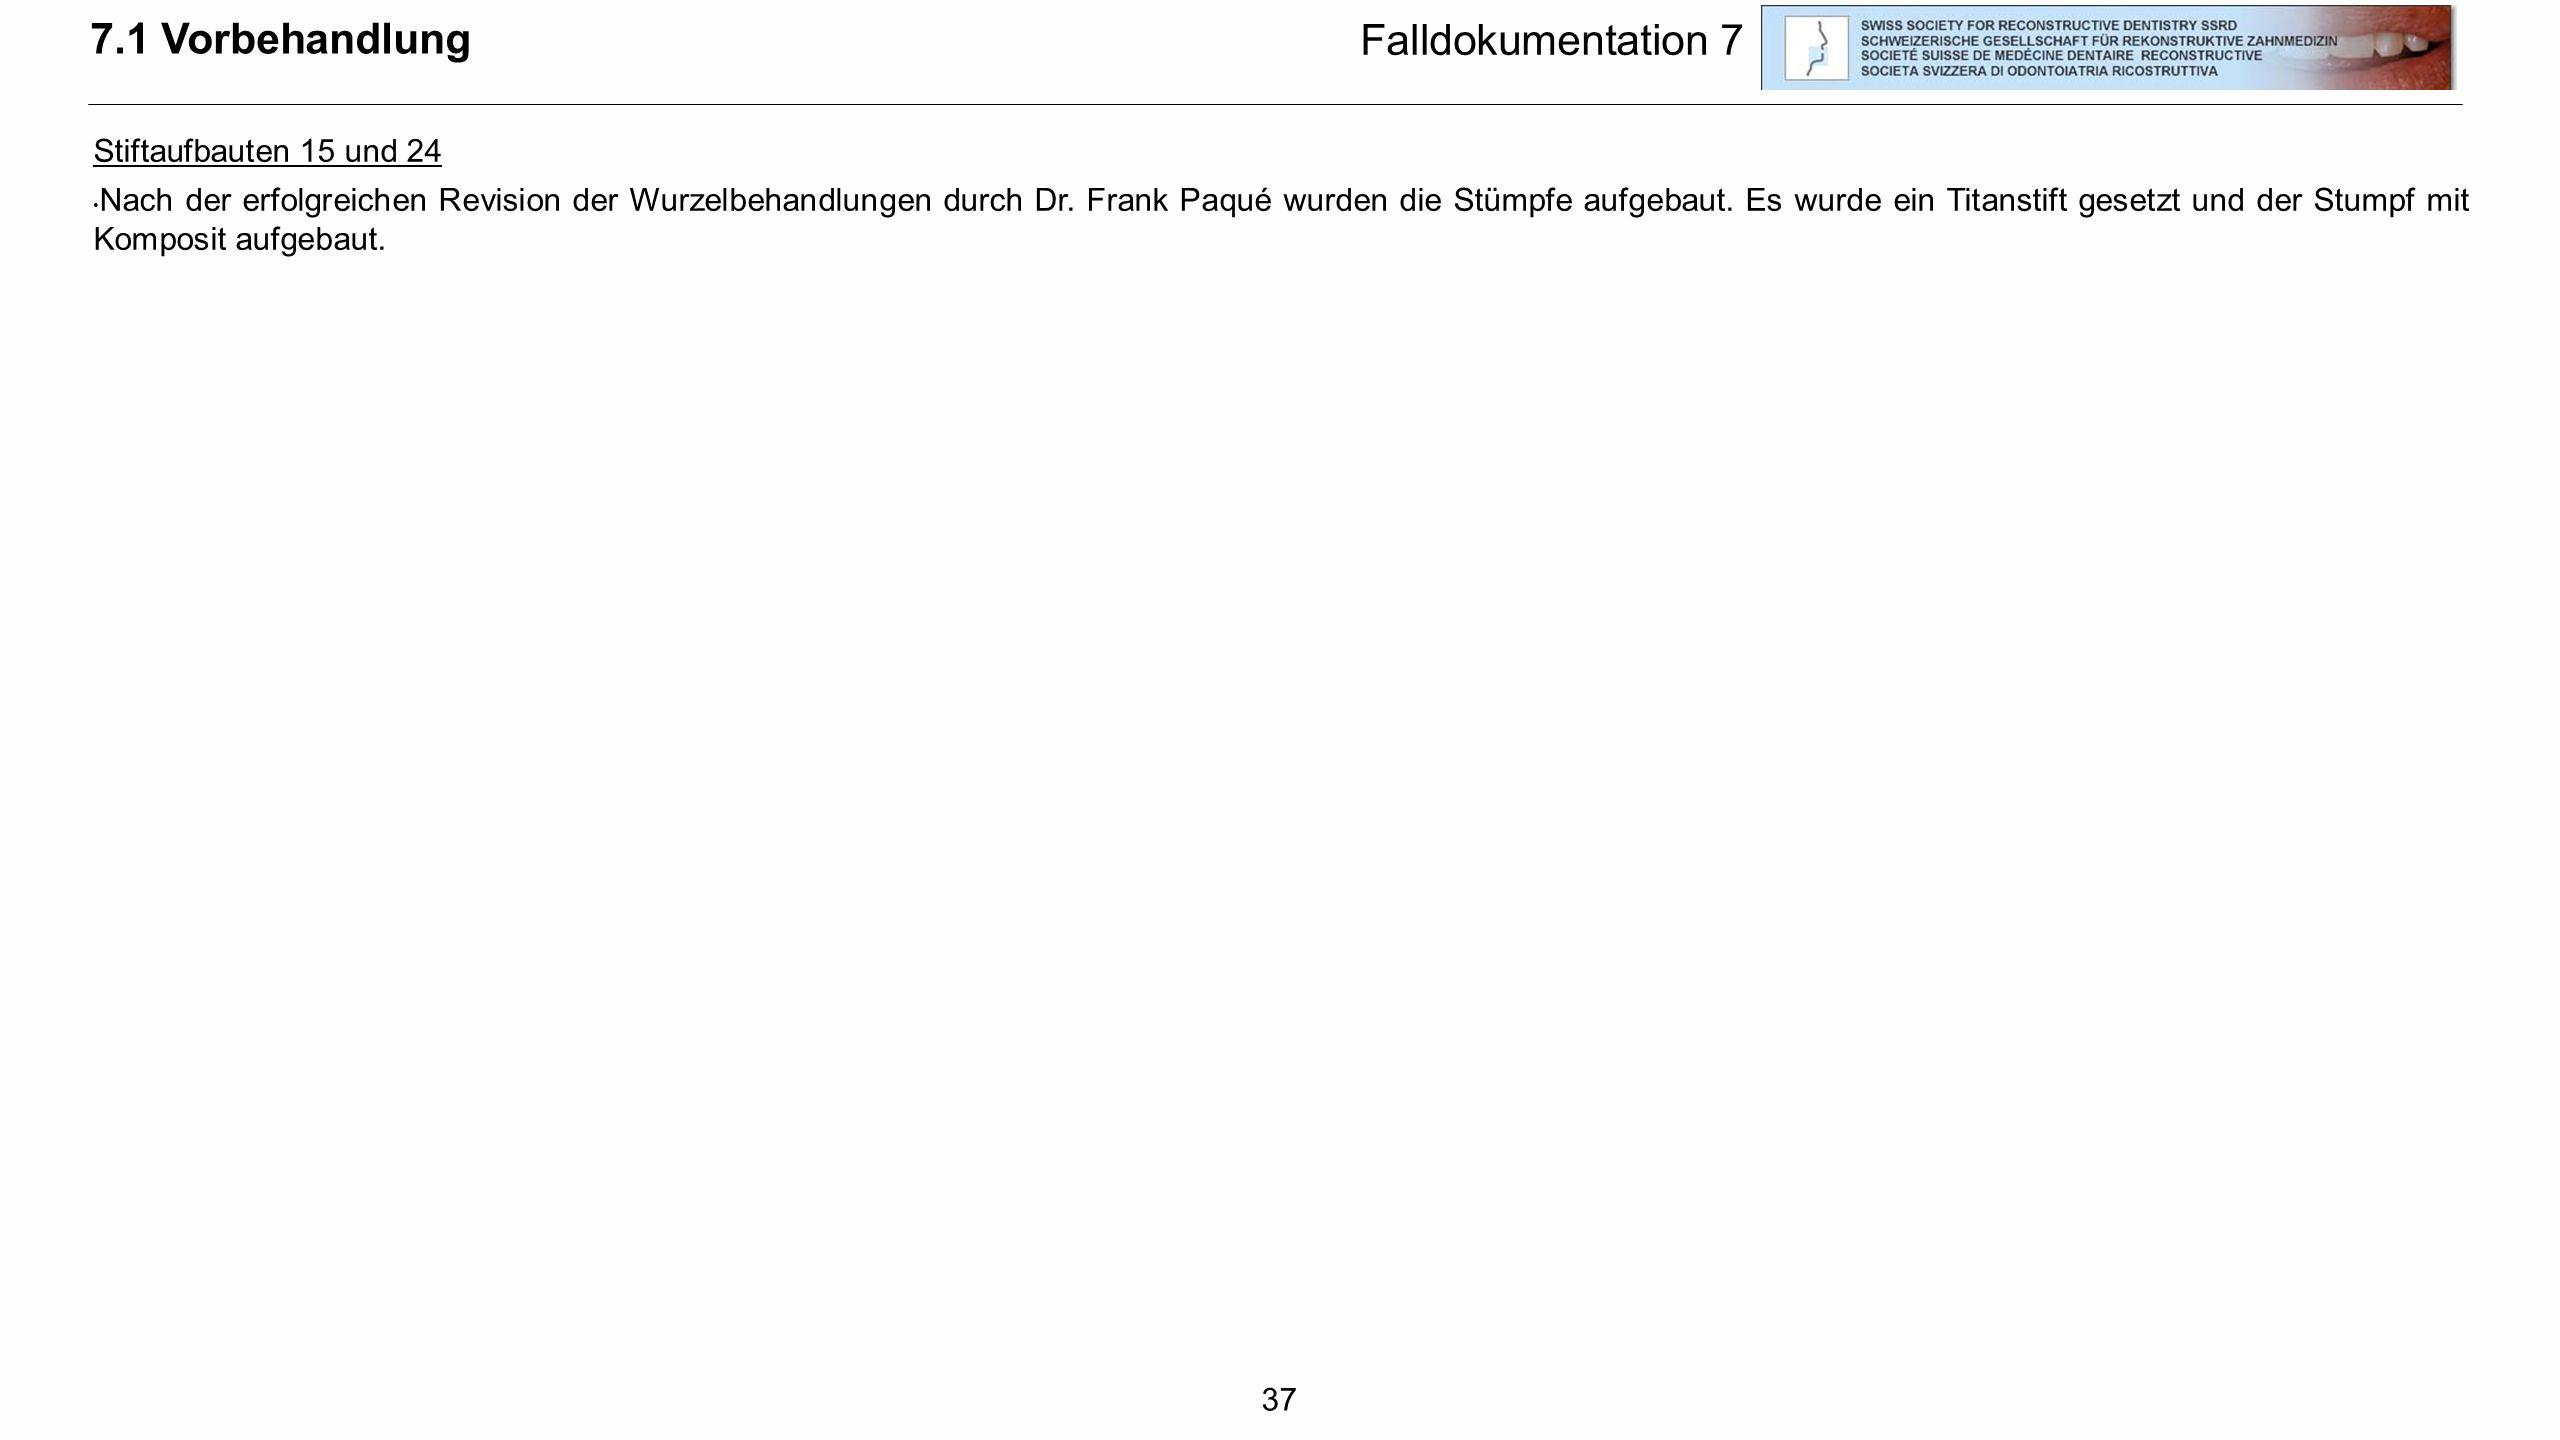 7.1 Vorbehandlung Falldokumentation 7 Stiftaufbauten 15 und 24